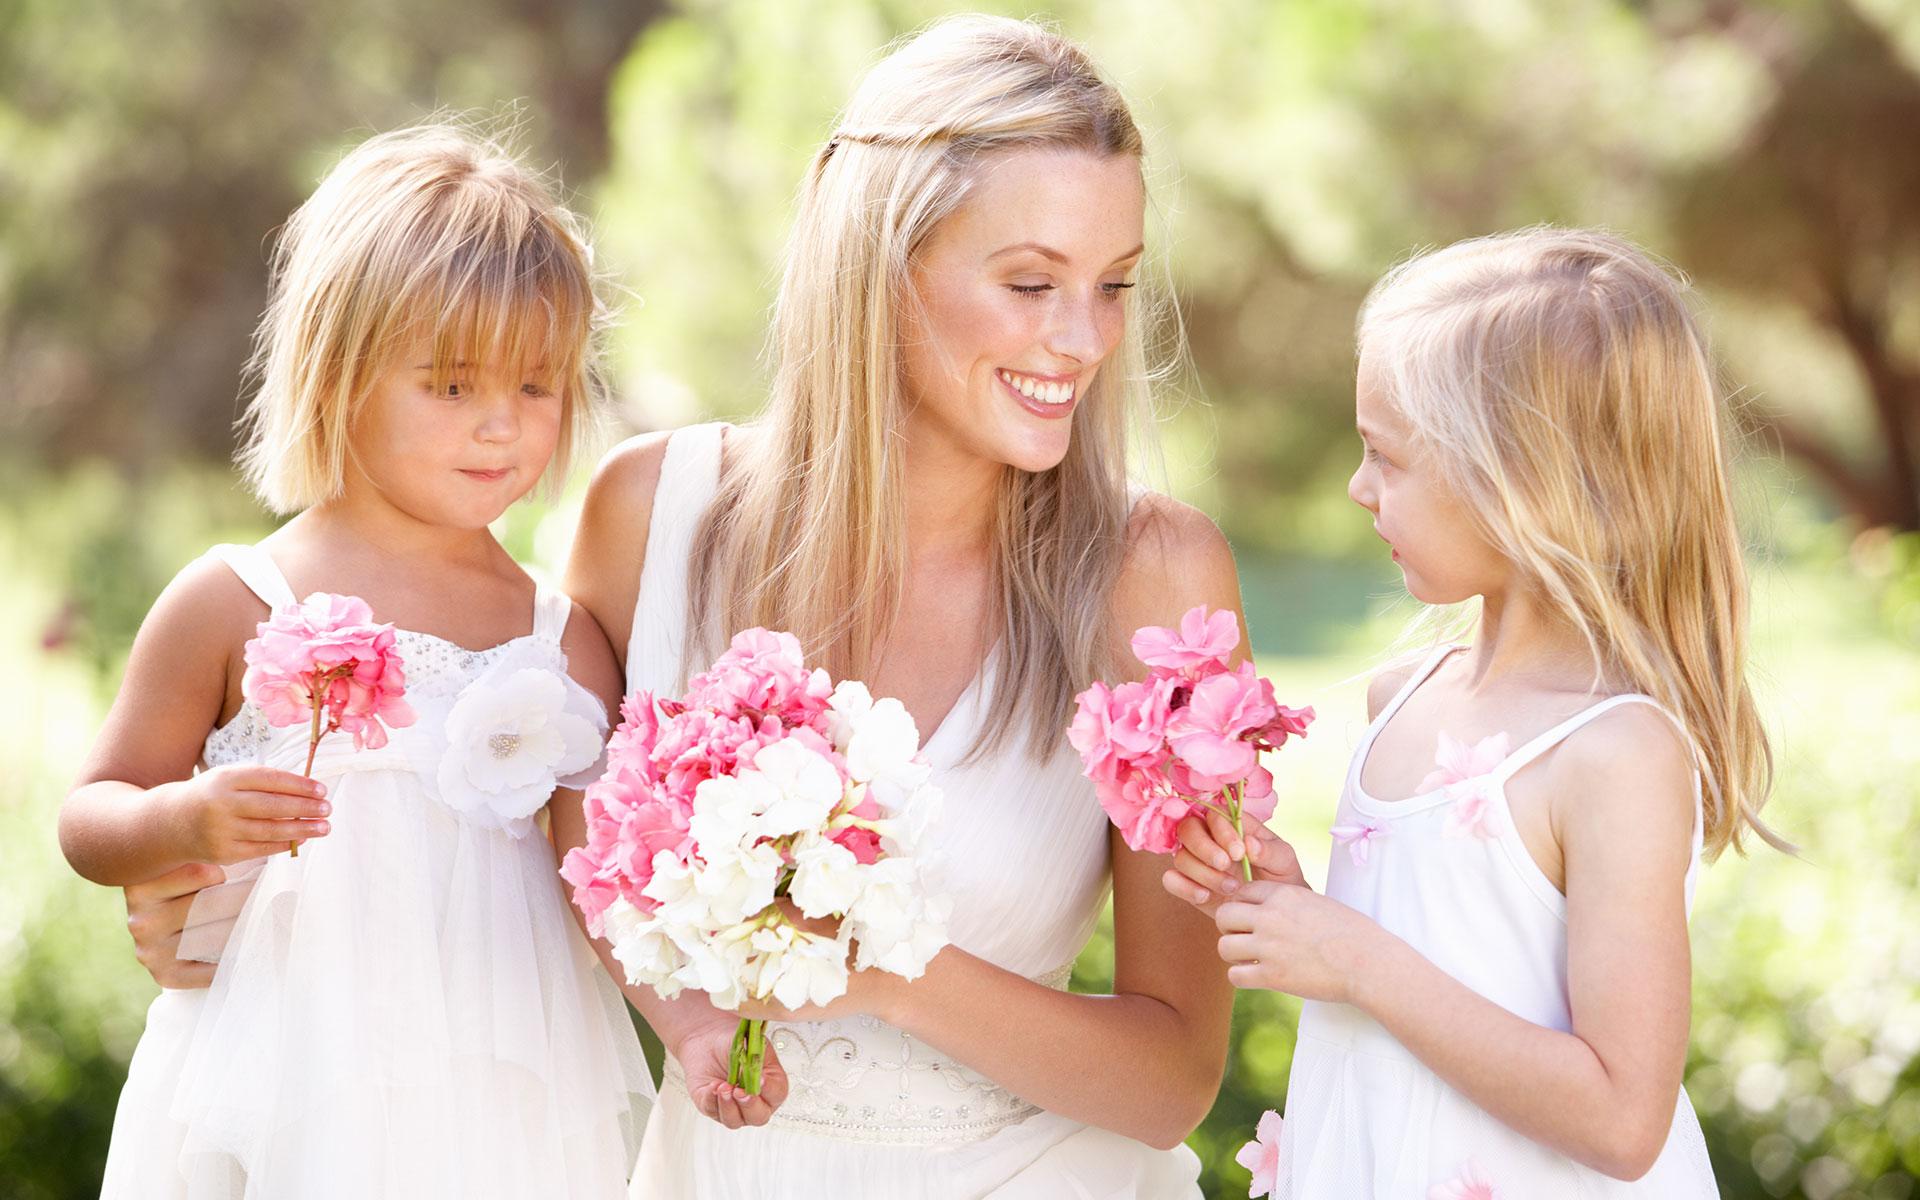 Фото нескромные невесты 18 фотография